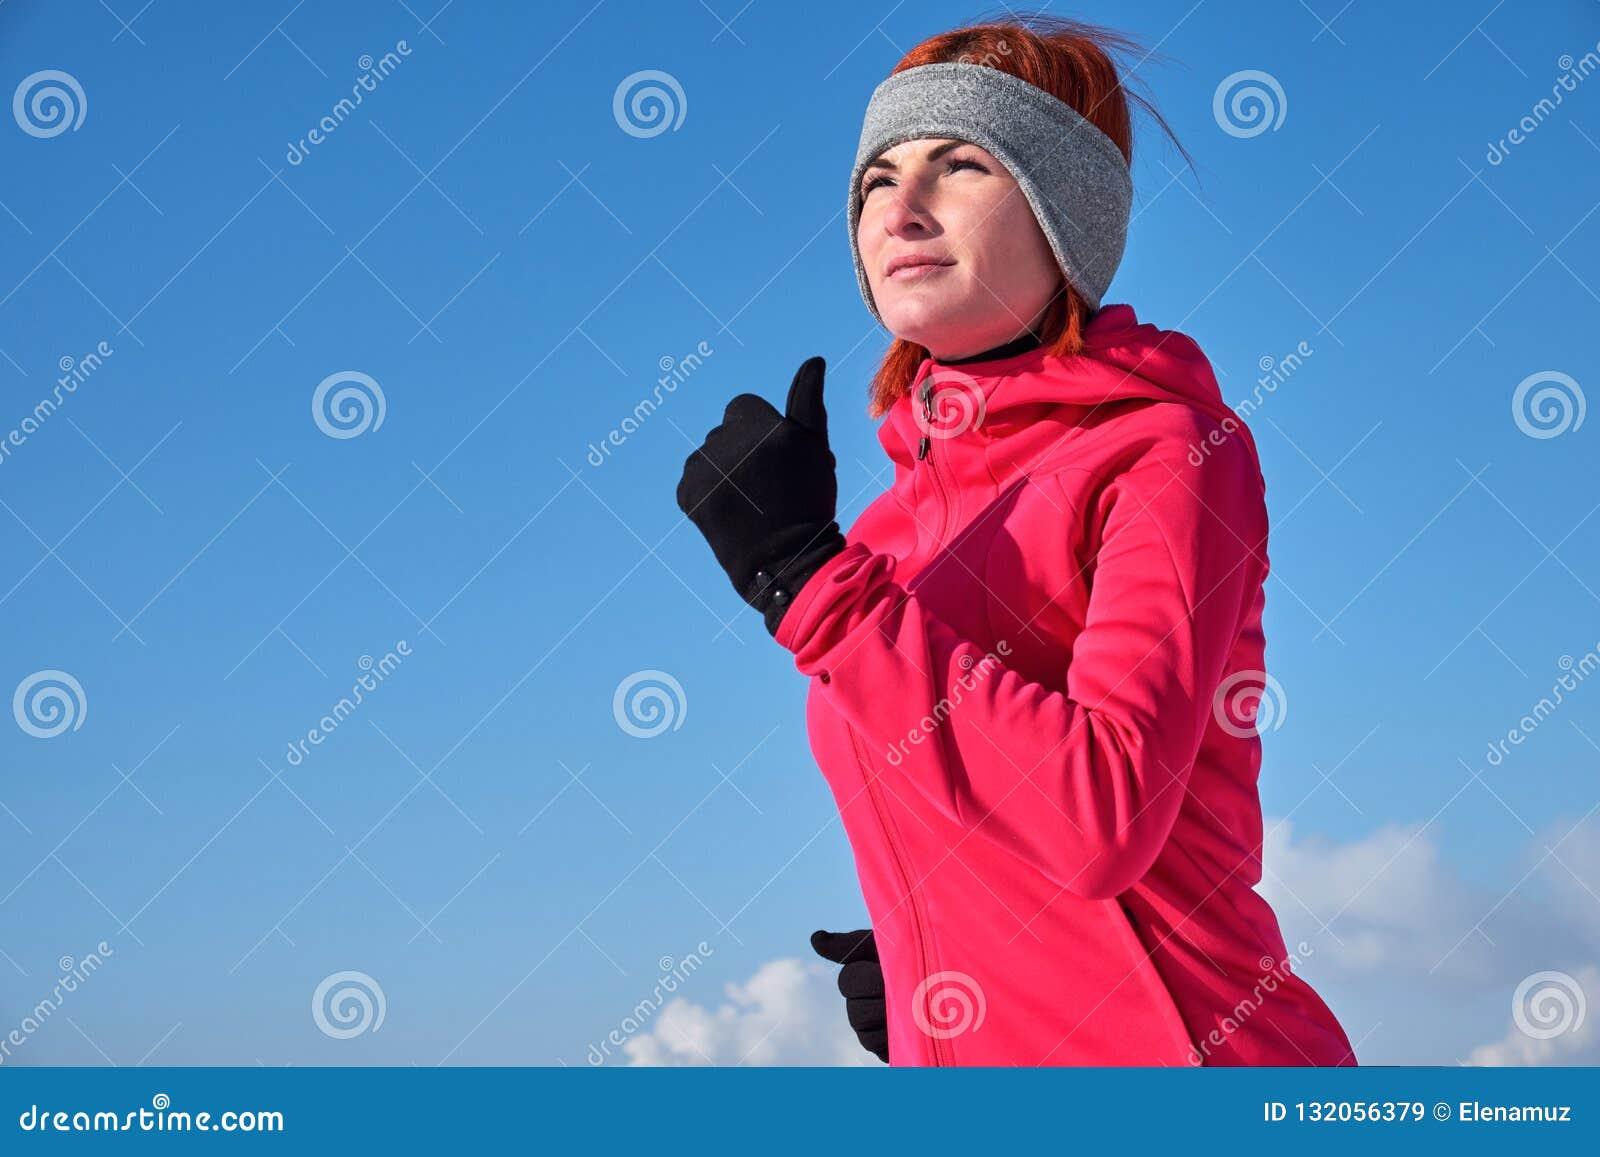 Τρέχοντας αθλήτρια Θηλυκό δρομέων στο κρύο χειμερινό δάσος που φορά το θερμούς φίλαθλους τρέχοντας ιματισμό και τα γάντια